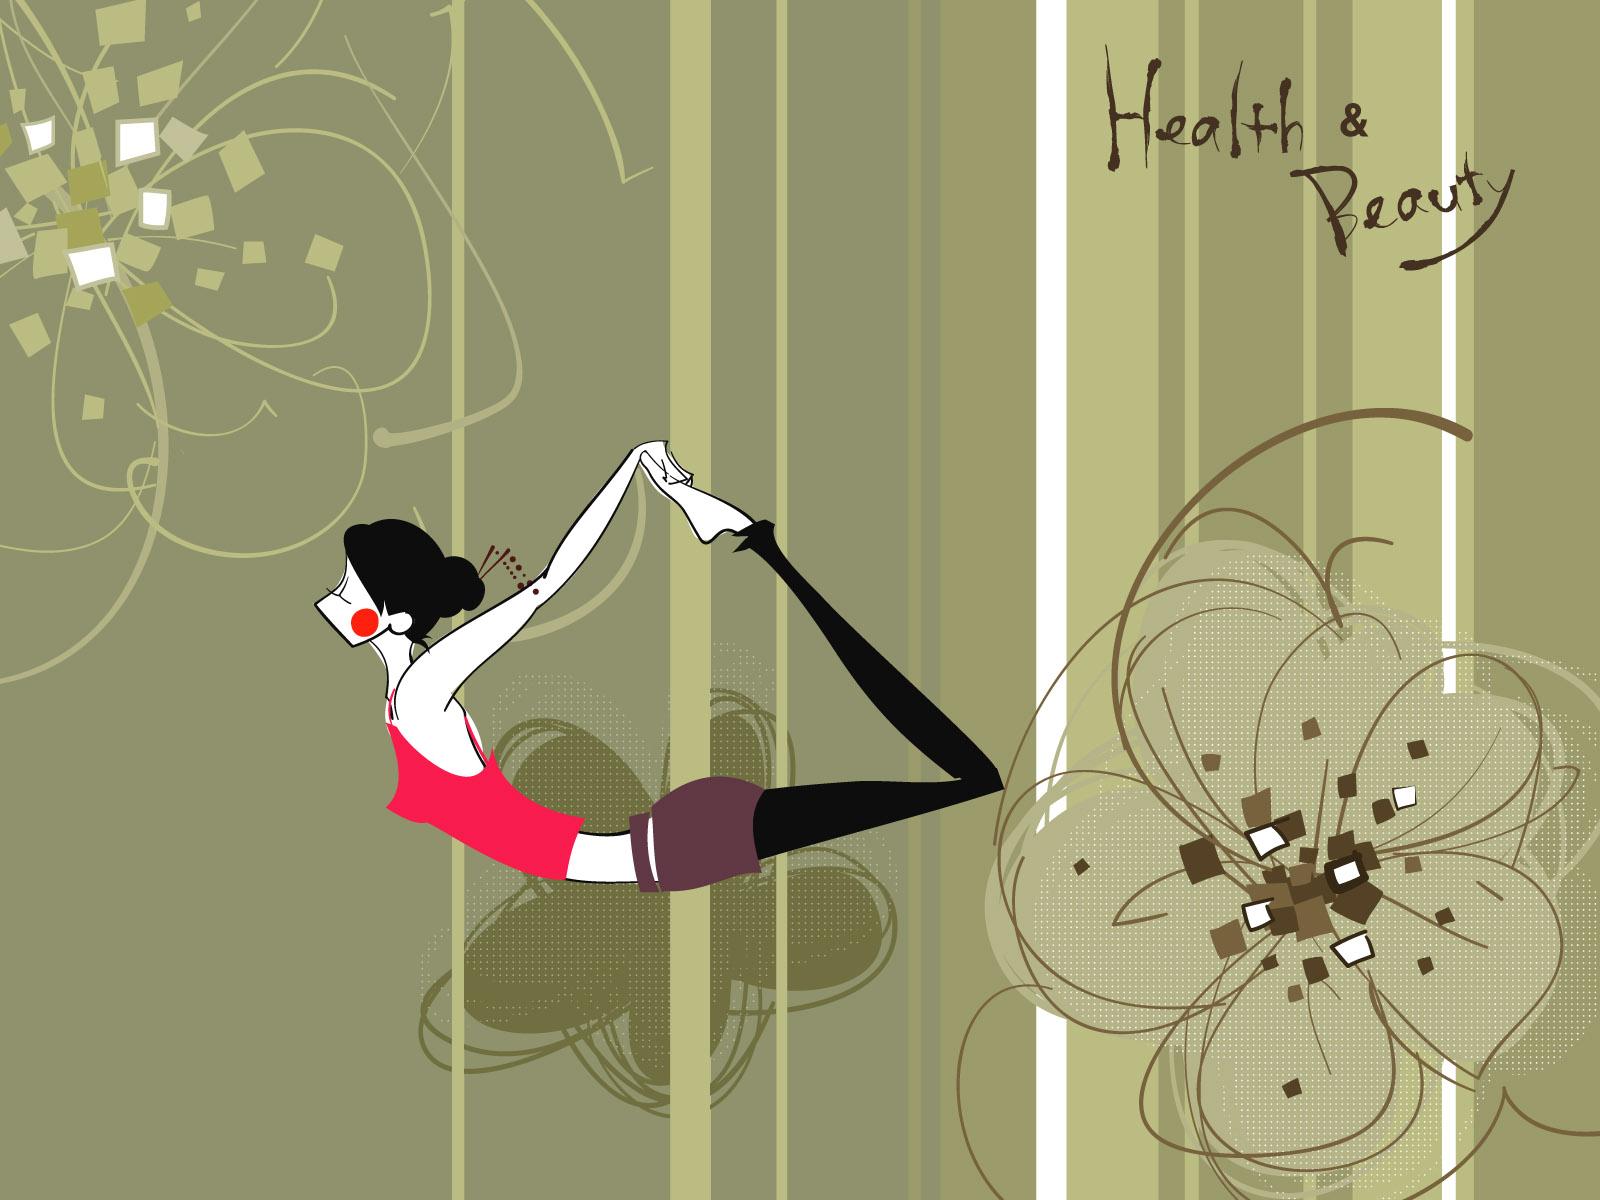 壁纸1600×1200矢量运动女孩 2 9壁纸 矢量运动女孩壁纸图片矢量壁纸矢量图片素材桌面壁纸